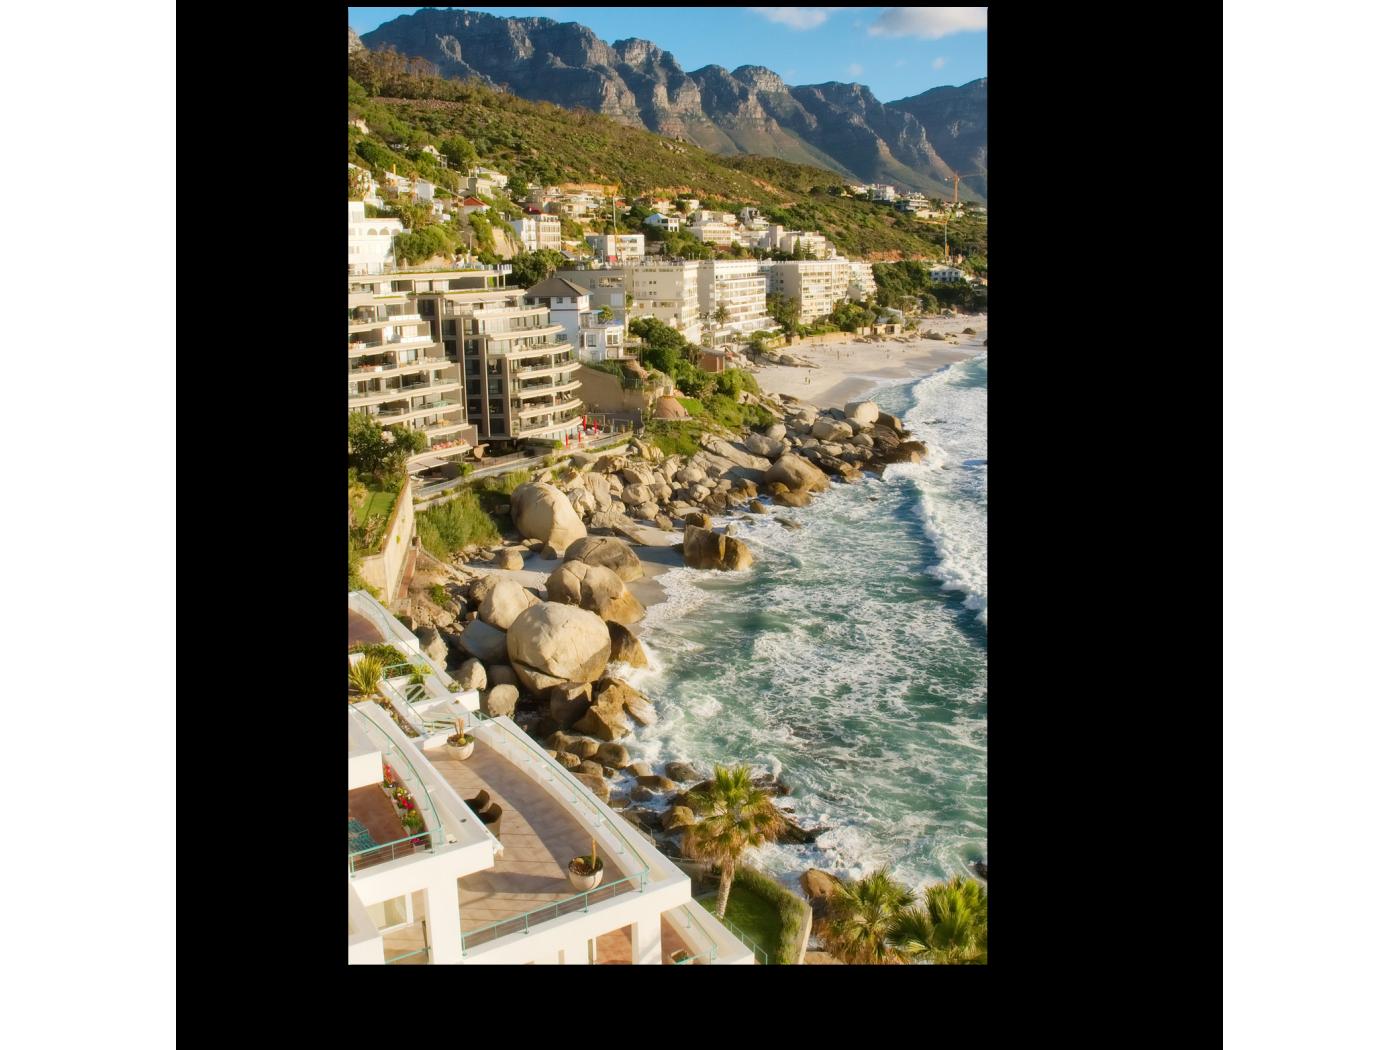 Модульная картина На побережье Кейптауна (20x30) фото